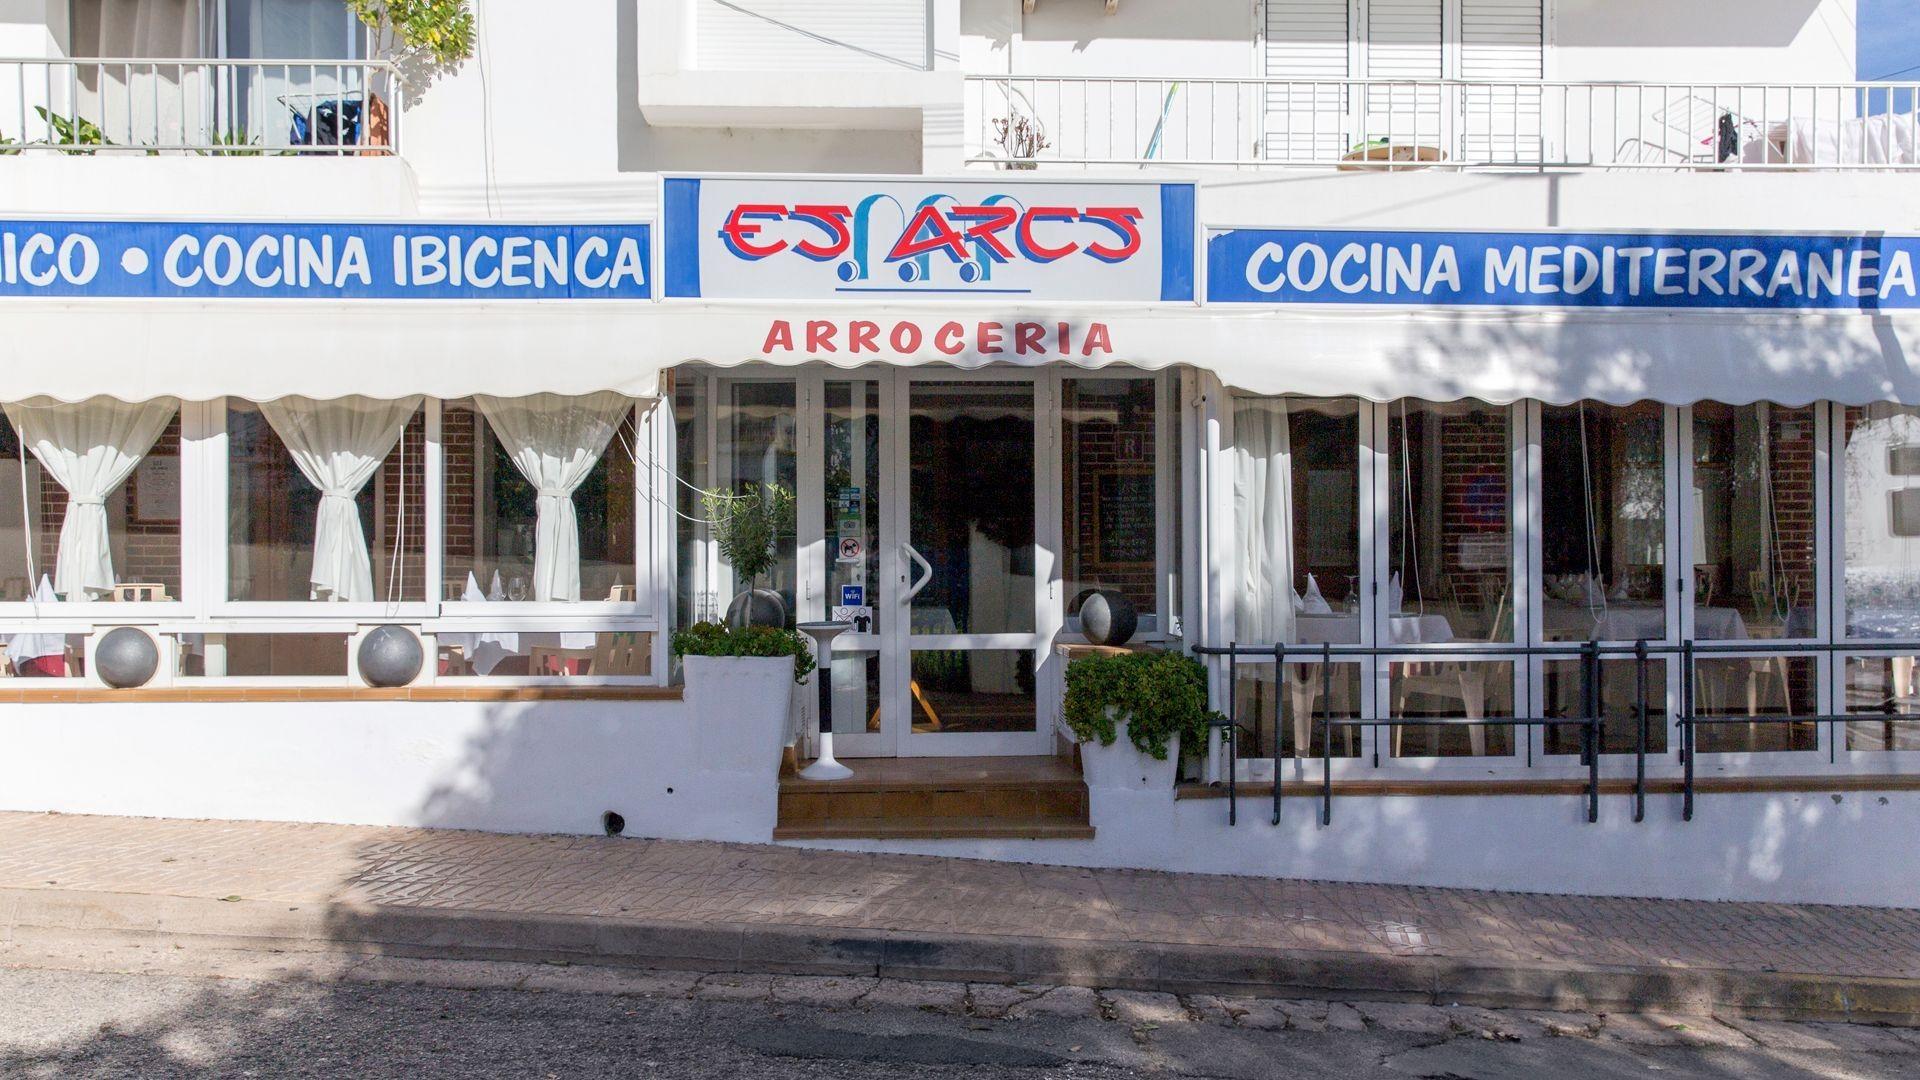 Cocina mediterránea e ibicenca en Ibiza